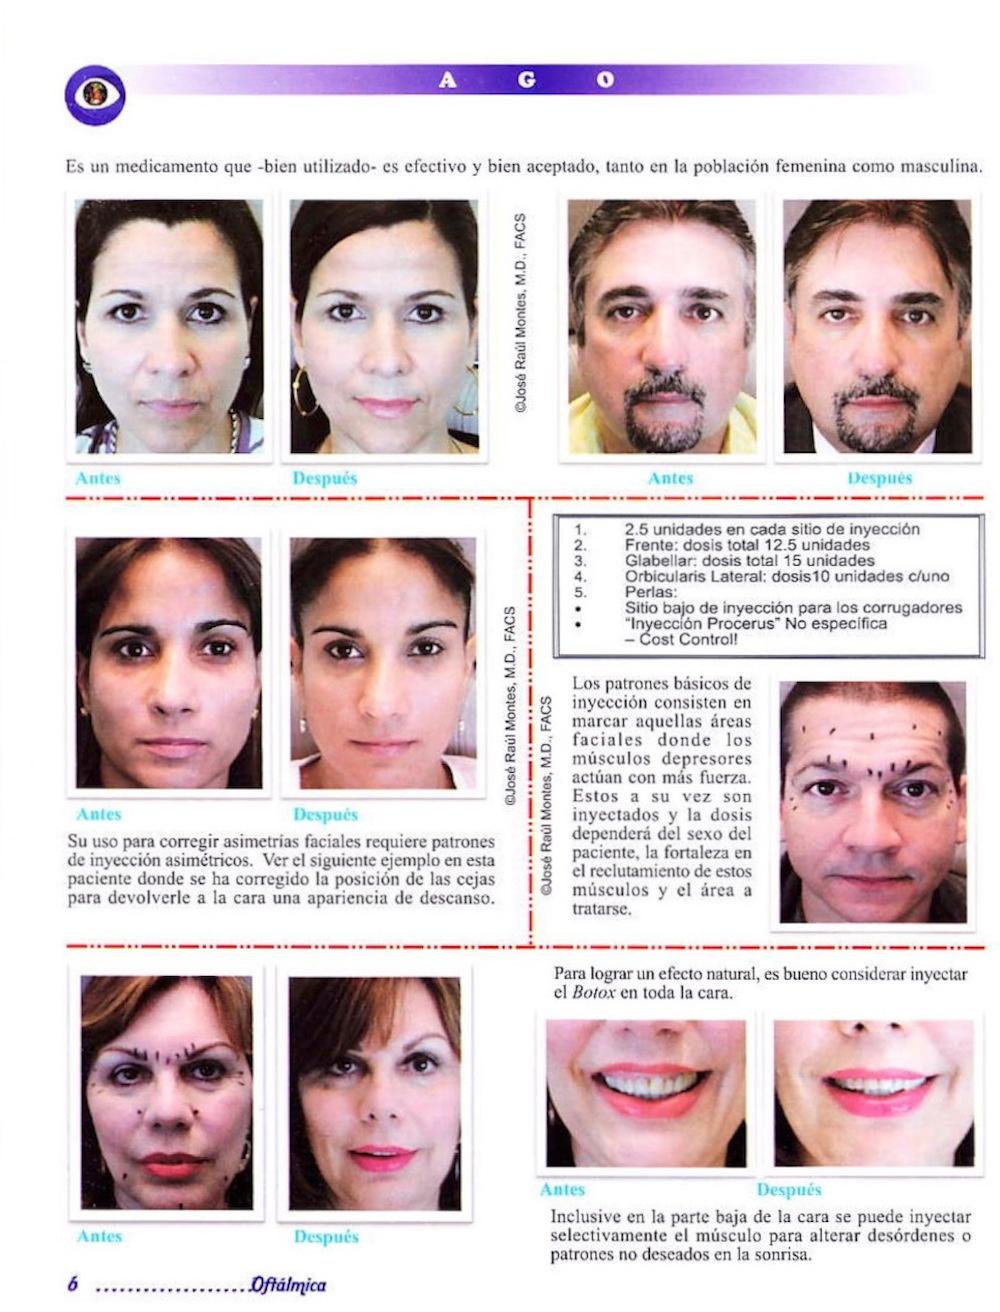 Taller de Botox®- Mi Experiencia Después de Más de 15 Años de Uso 2